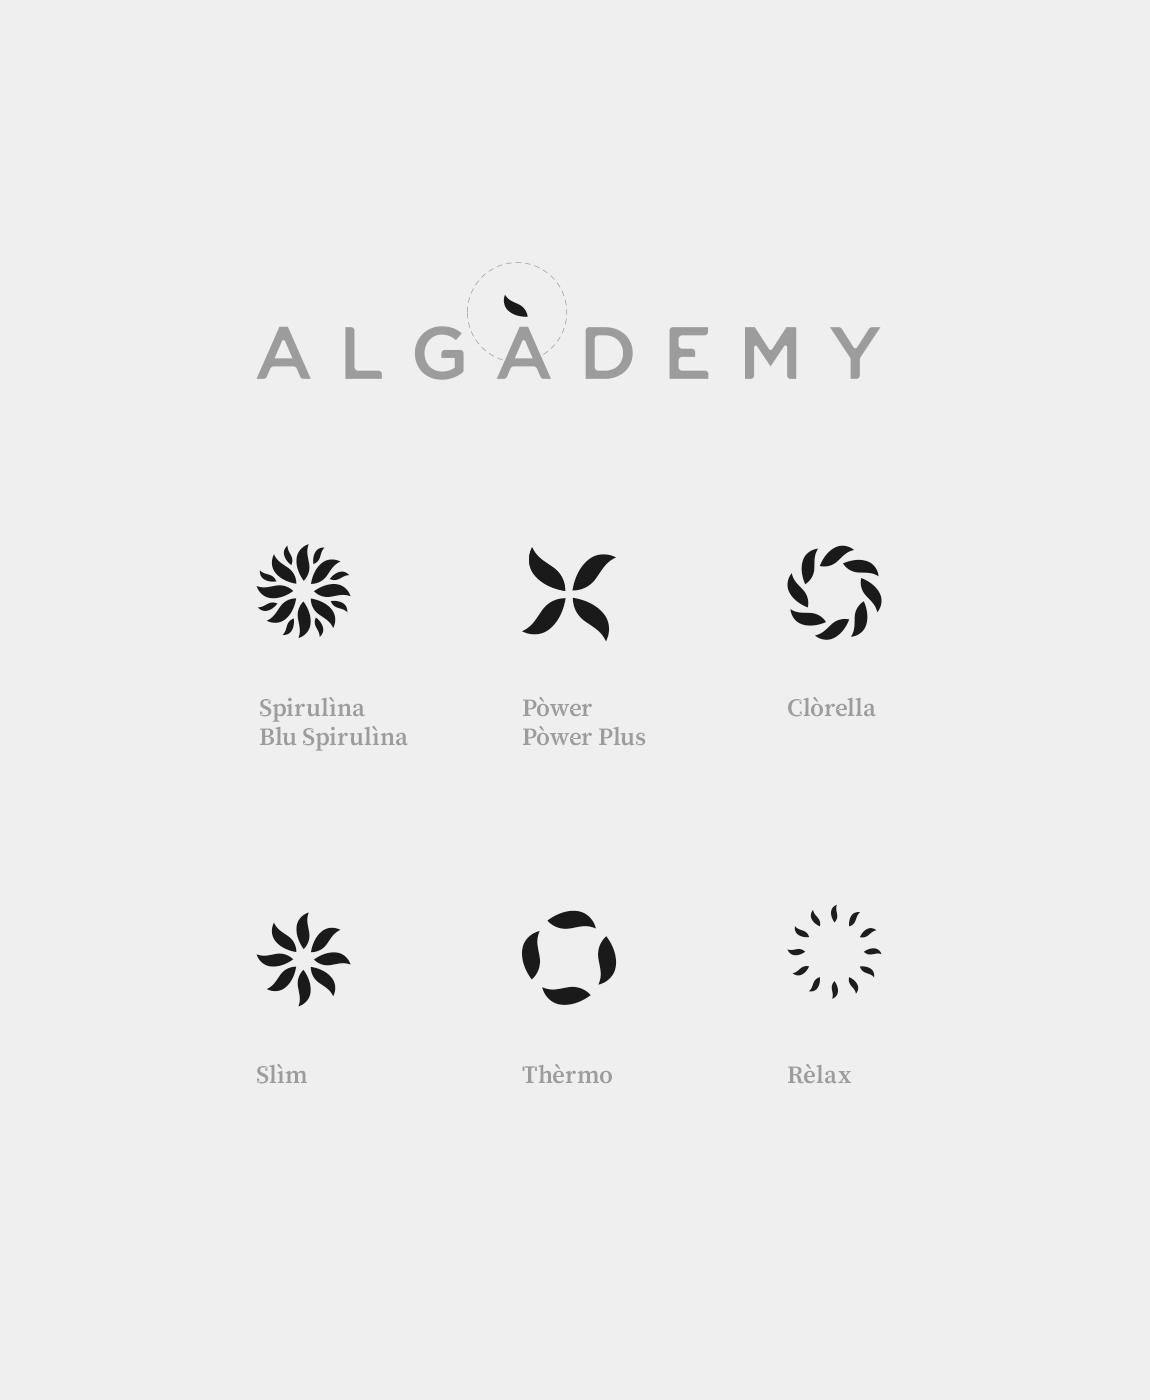 Algademy_12